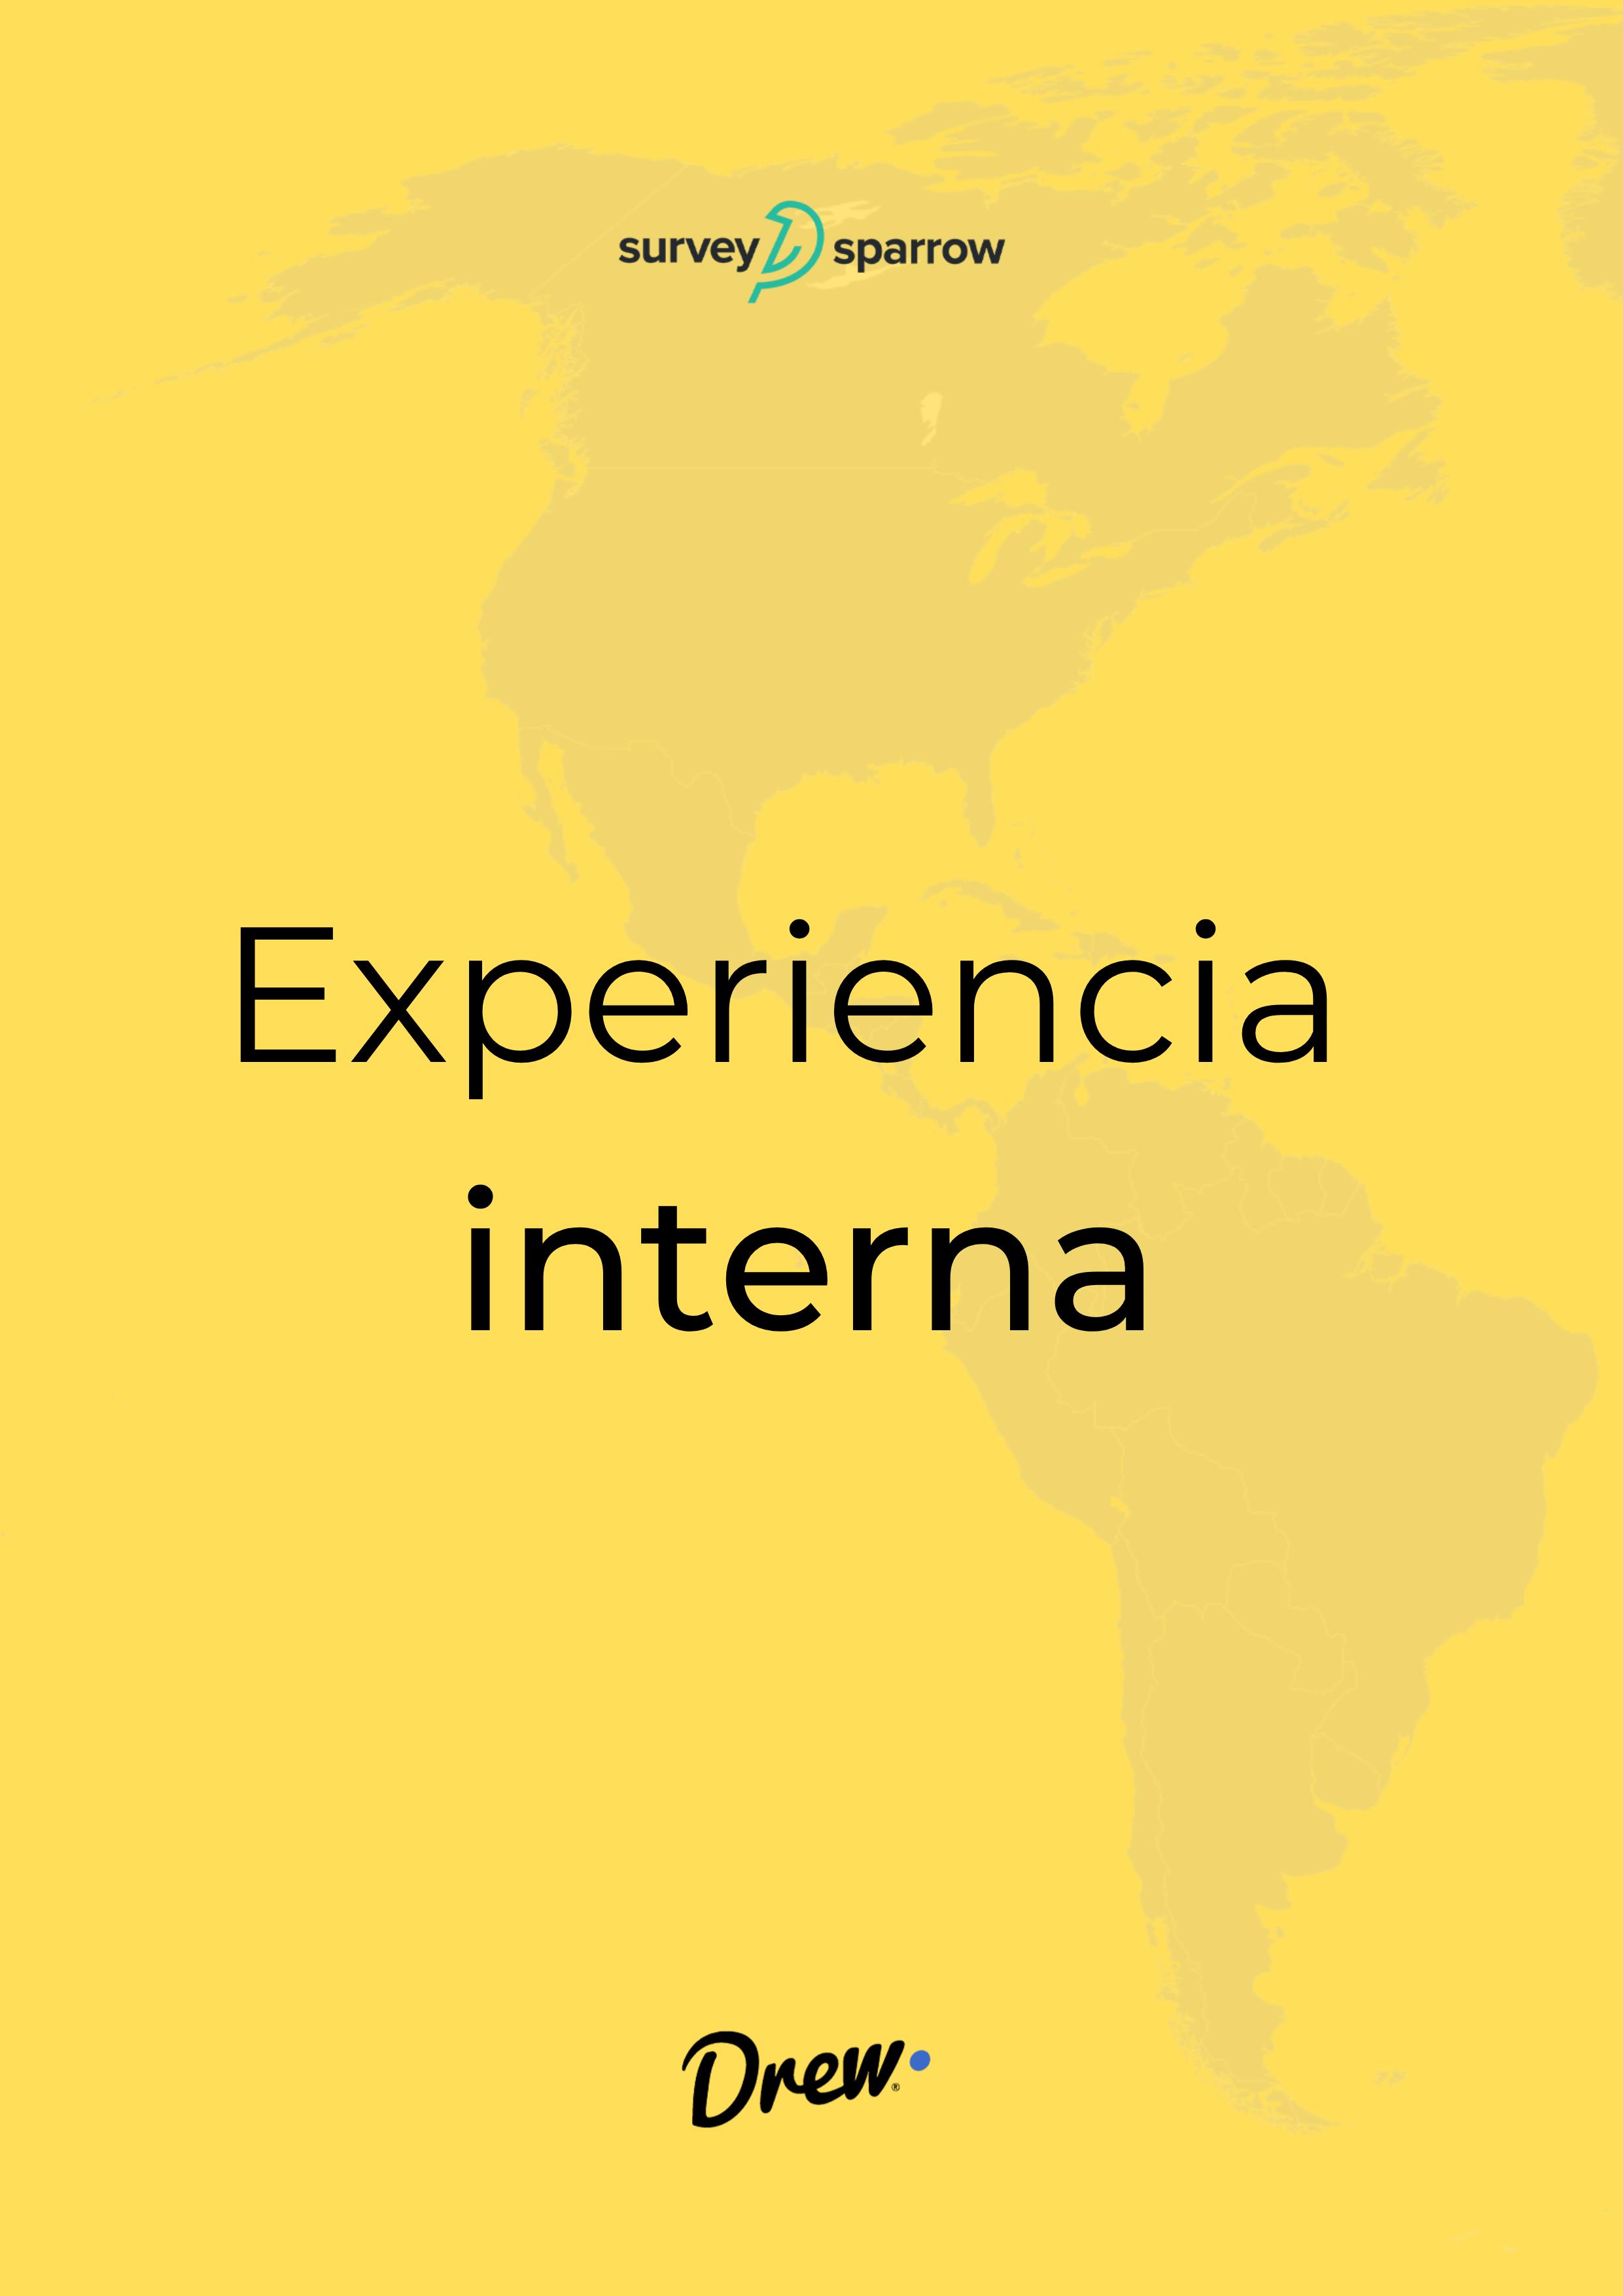 Experiencia interna